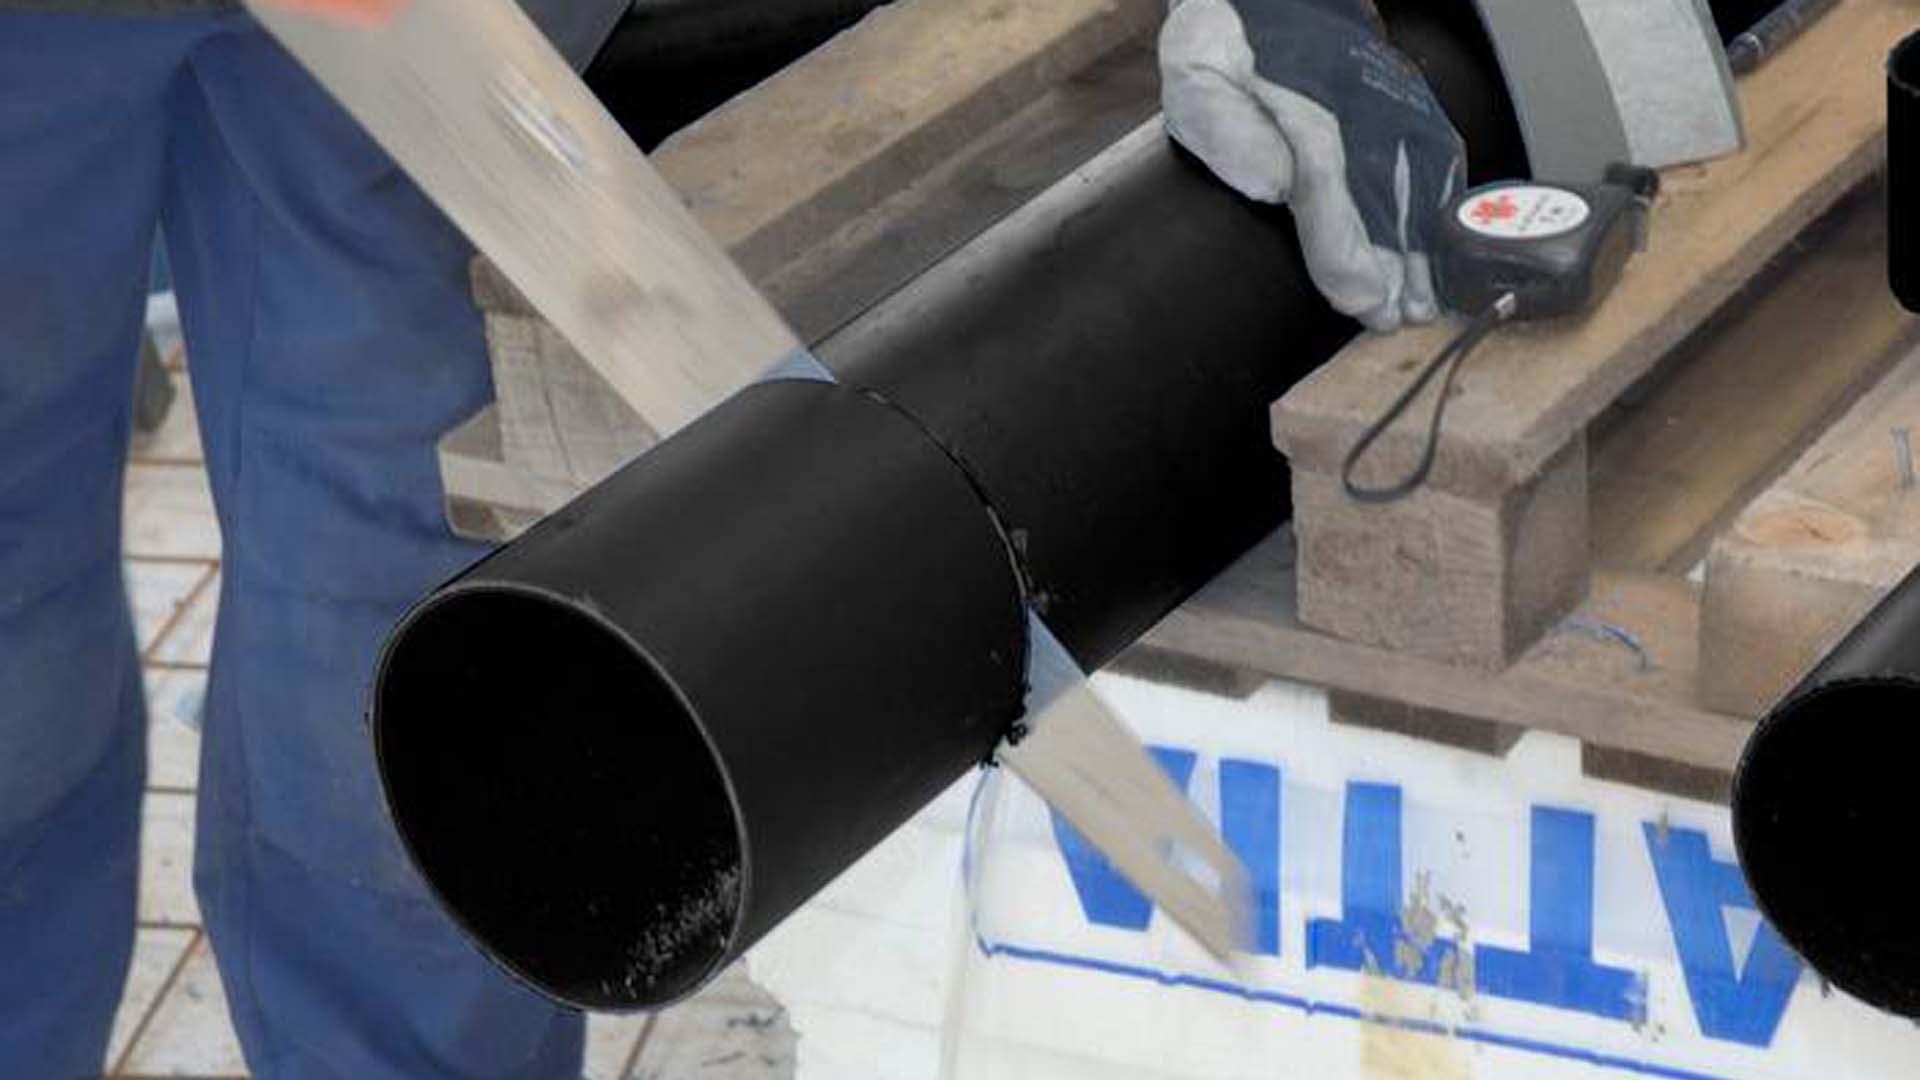 Uponor-ilmanvaihtojärjestelmät on helppo ja nopea asentaa jopa pieniinkin tiloihin.